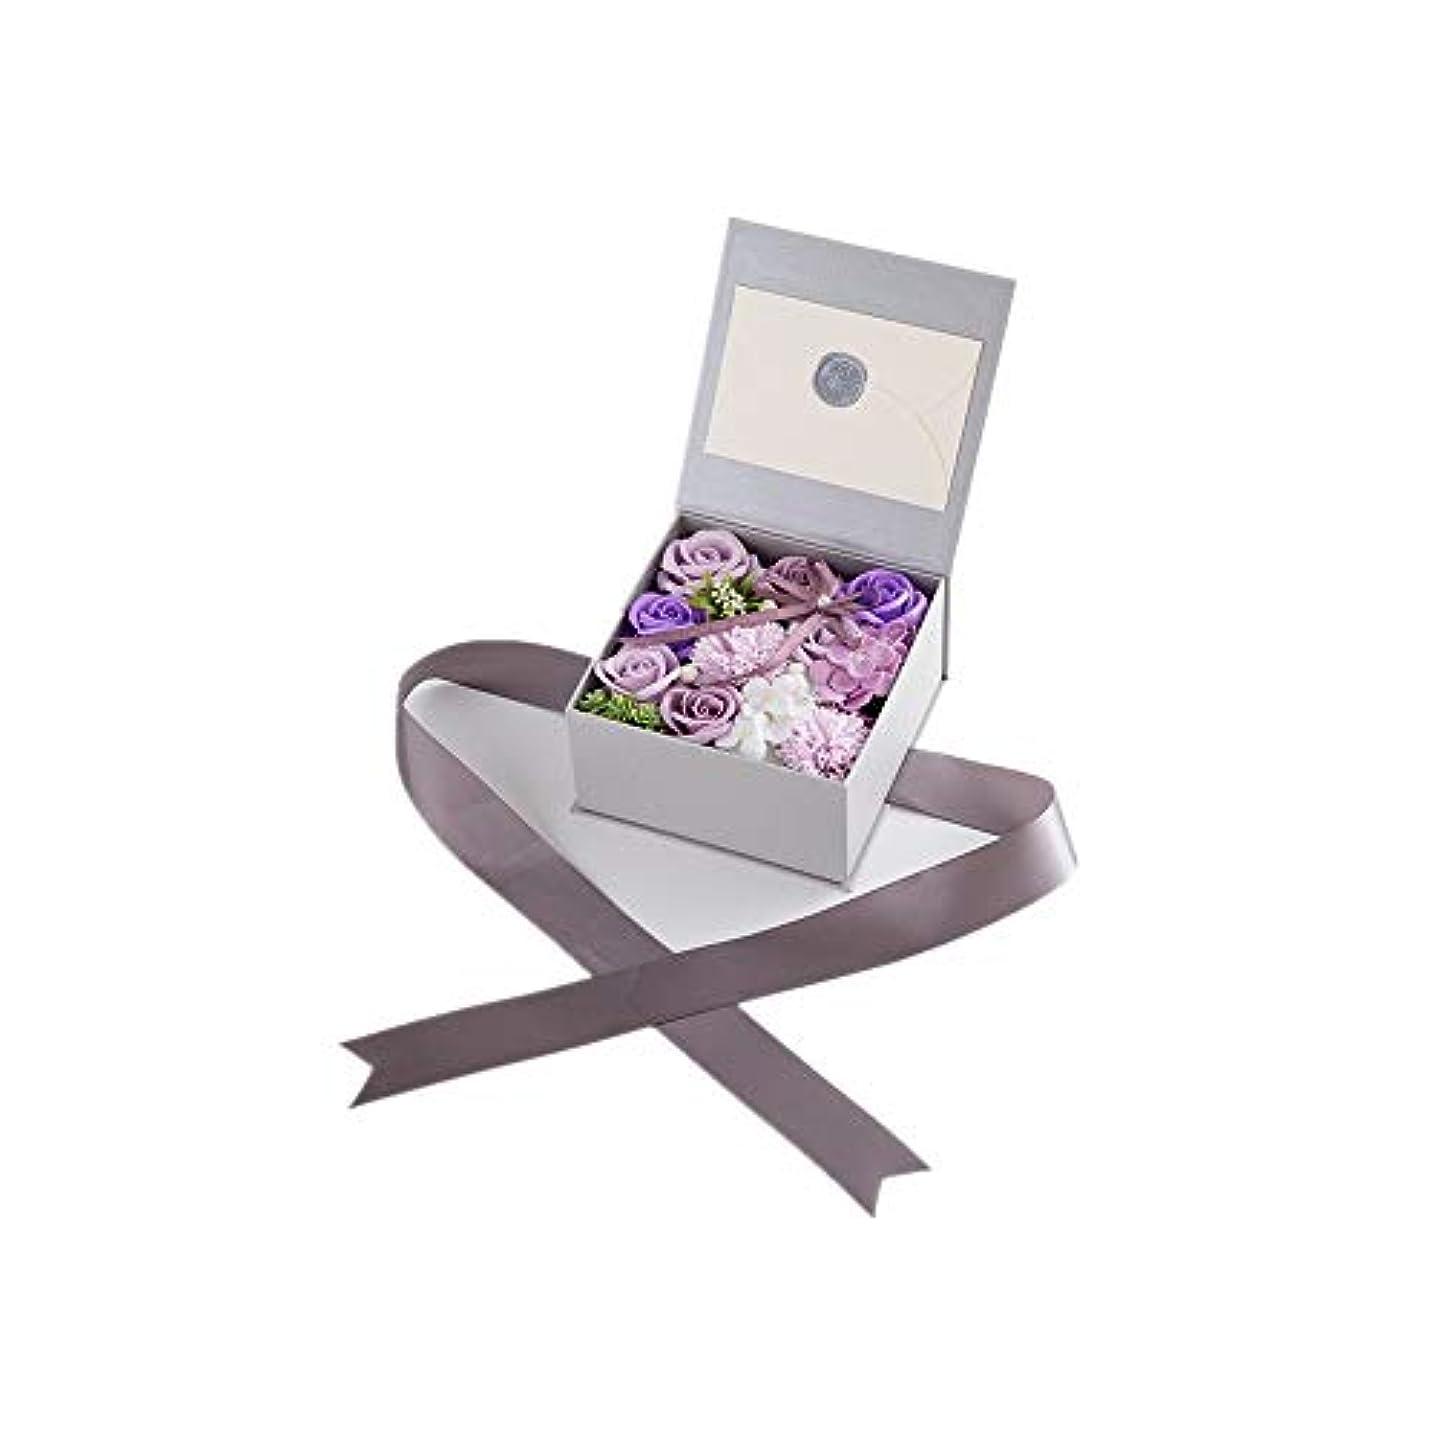 思い出すリビングルーム起きる生地と花石鹸の花 絶妙な梱包フラワーバレンタインデーのための花バラ花束の記念日誕生日母の日 (色 : Violet)